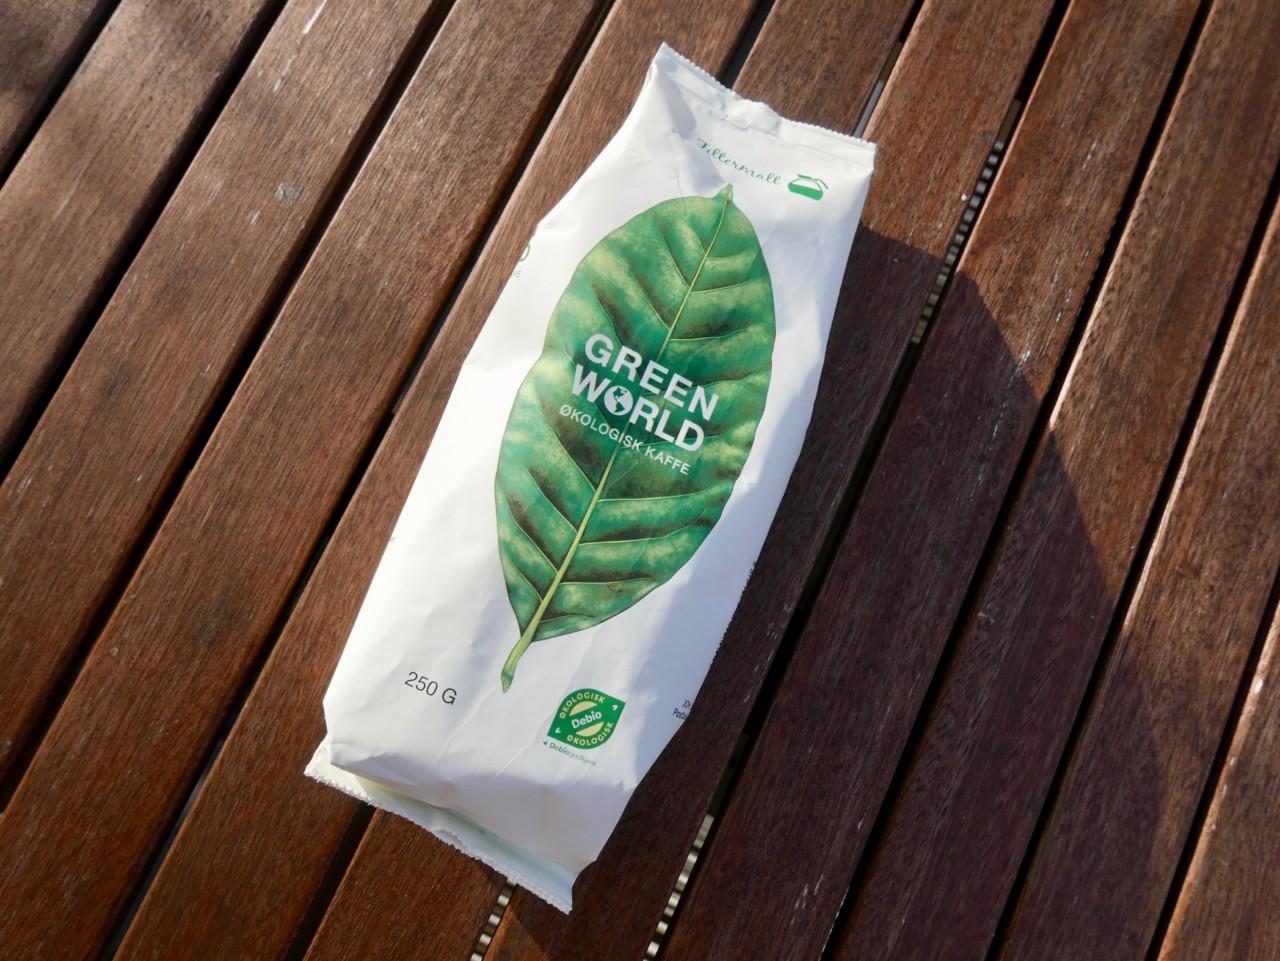 green-world-okologisk-kaffe-emballasje